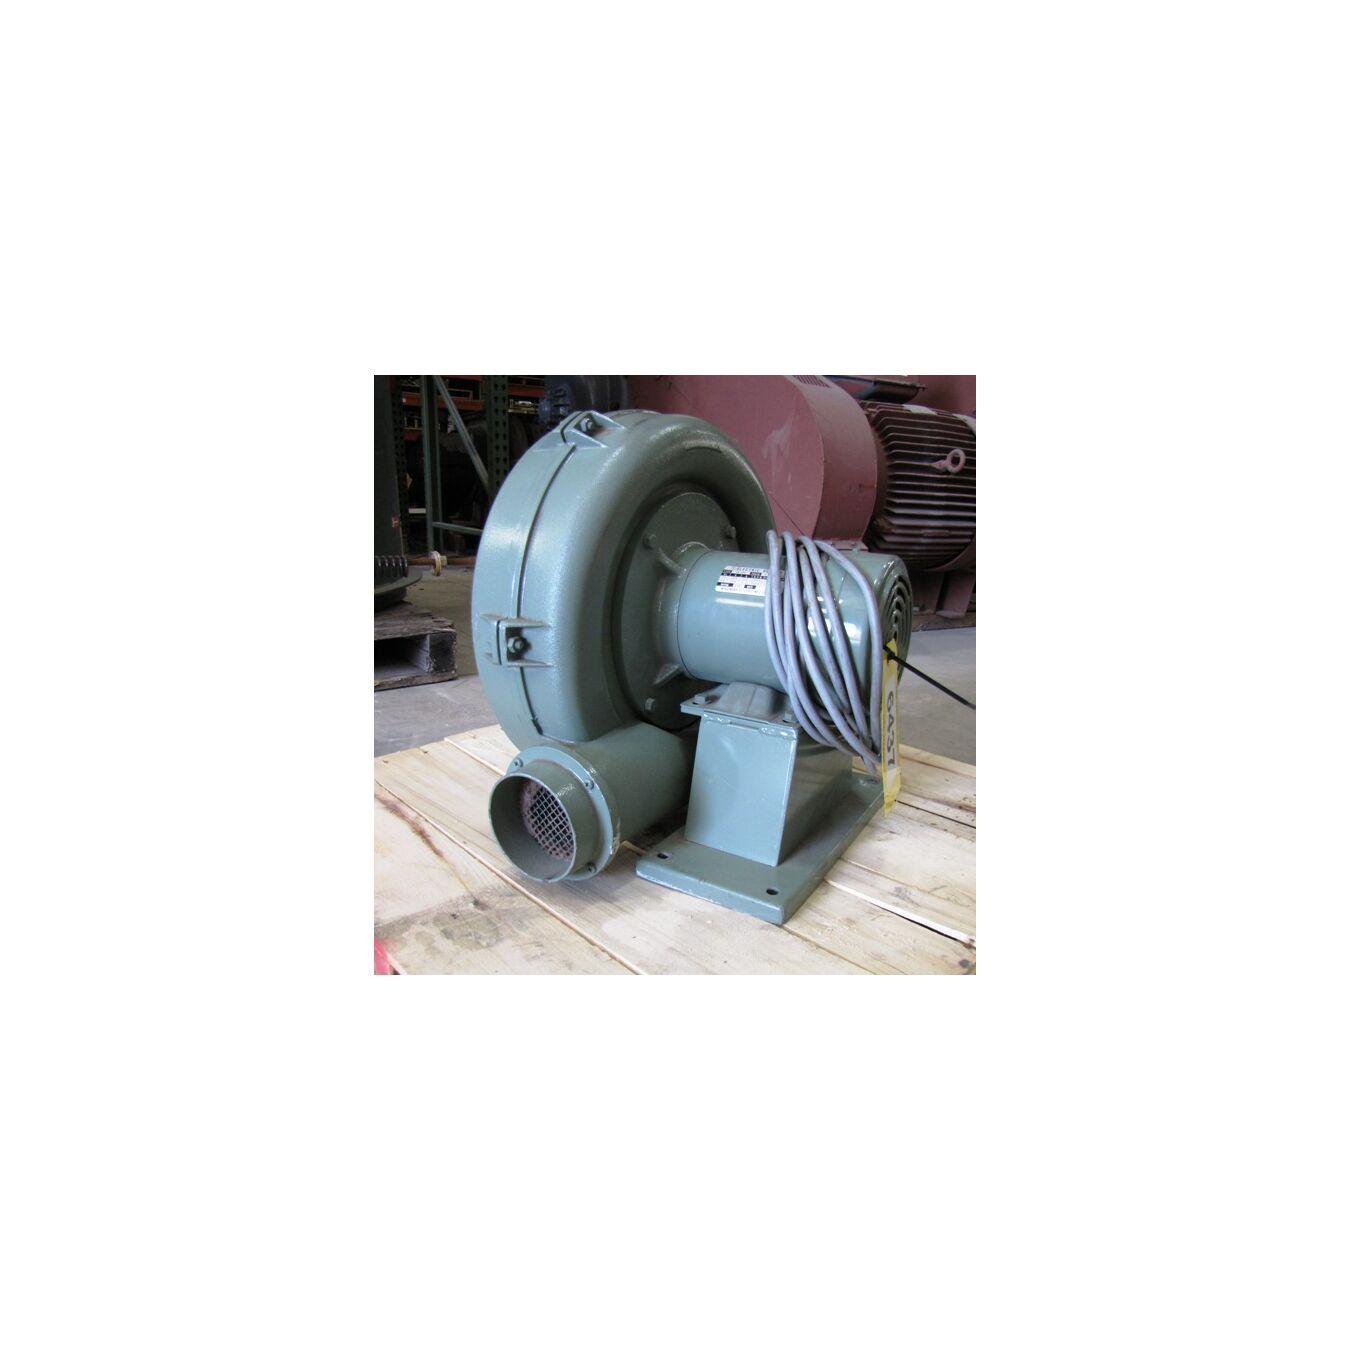 4 Blower Fan : Cfm quot sp nishimura aluminum blower fan model tb